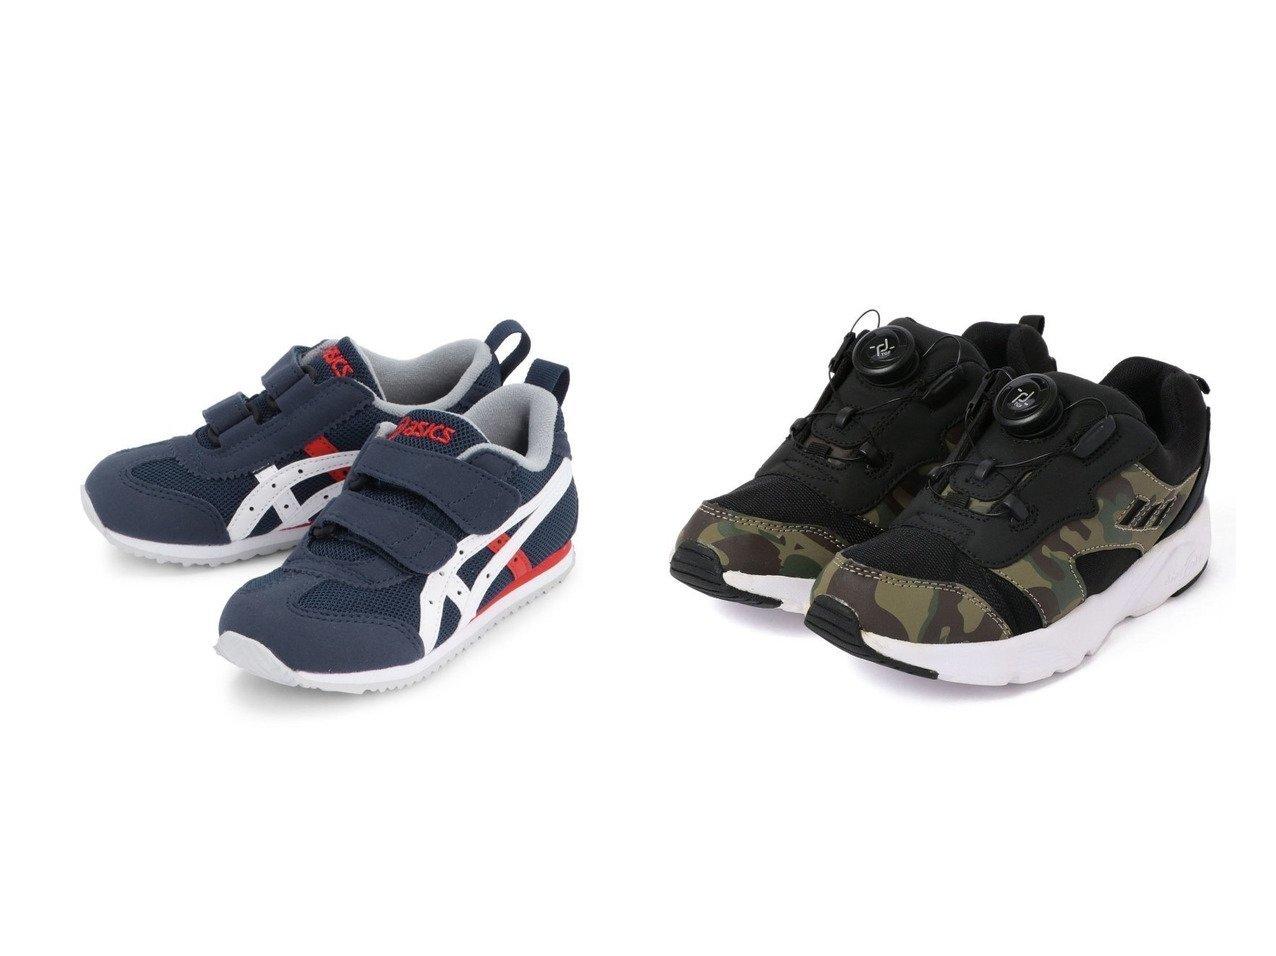 【asics / KIDS/アシックス】の《アシックス公式》 子供靴 運動靴 【スニーカー】 SUKU2(スクスク)【メキシコナロー MINI 4】&【SHIPS / KIDS/シップス】のDIAL DRIVE ダイヤル ドライブ ストリート KIDS】子供服のおすすめ!人気トレンド・キッズファッションの通販 おすすめで人気の流行・トレンド、ファッションの通販商品 メンズファッション・キッズファッション・インテリア・家具・レディースファッション・服の通販 founy(ファニー) https://founy.com/ ファッション Fashion キッズファッション KIDS ウォーター 抗菌 シューズ スニーカー フィット メッシュ ラッセル ラベンダー インソール 人気 レース ワイヤー |ID:crp329100000018375